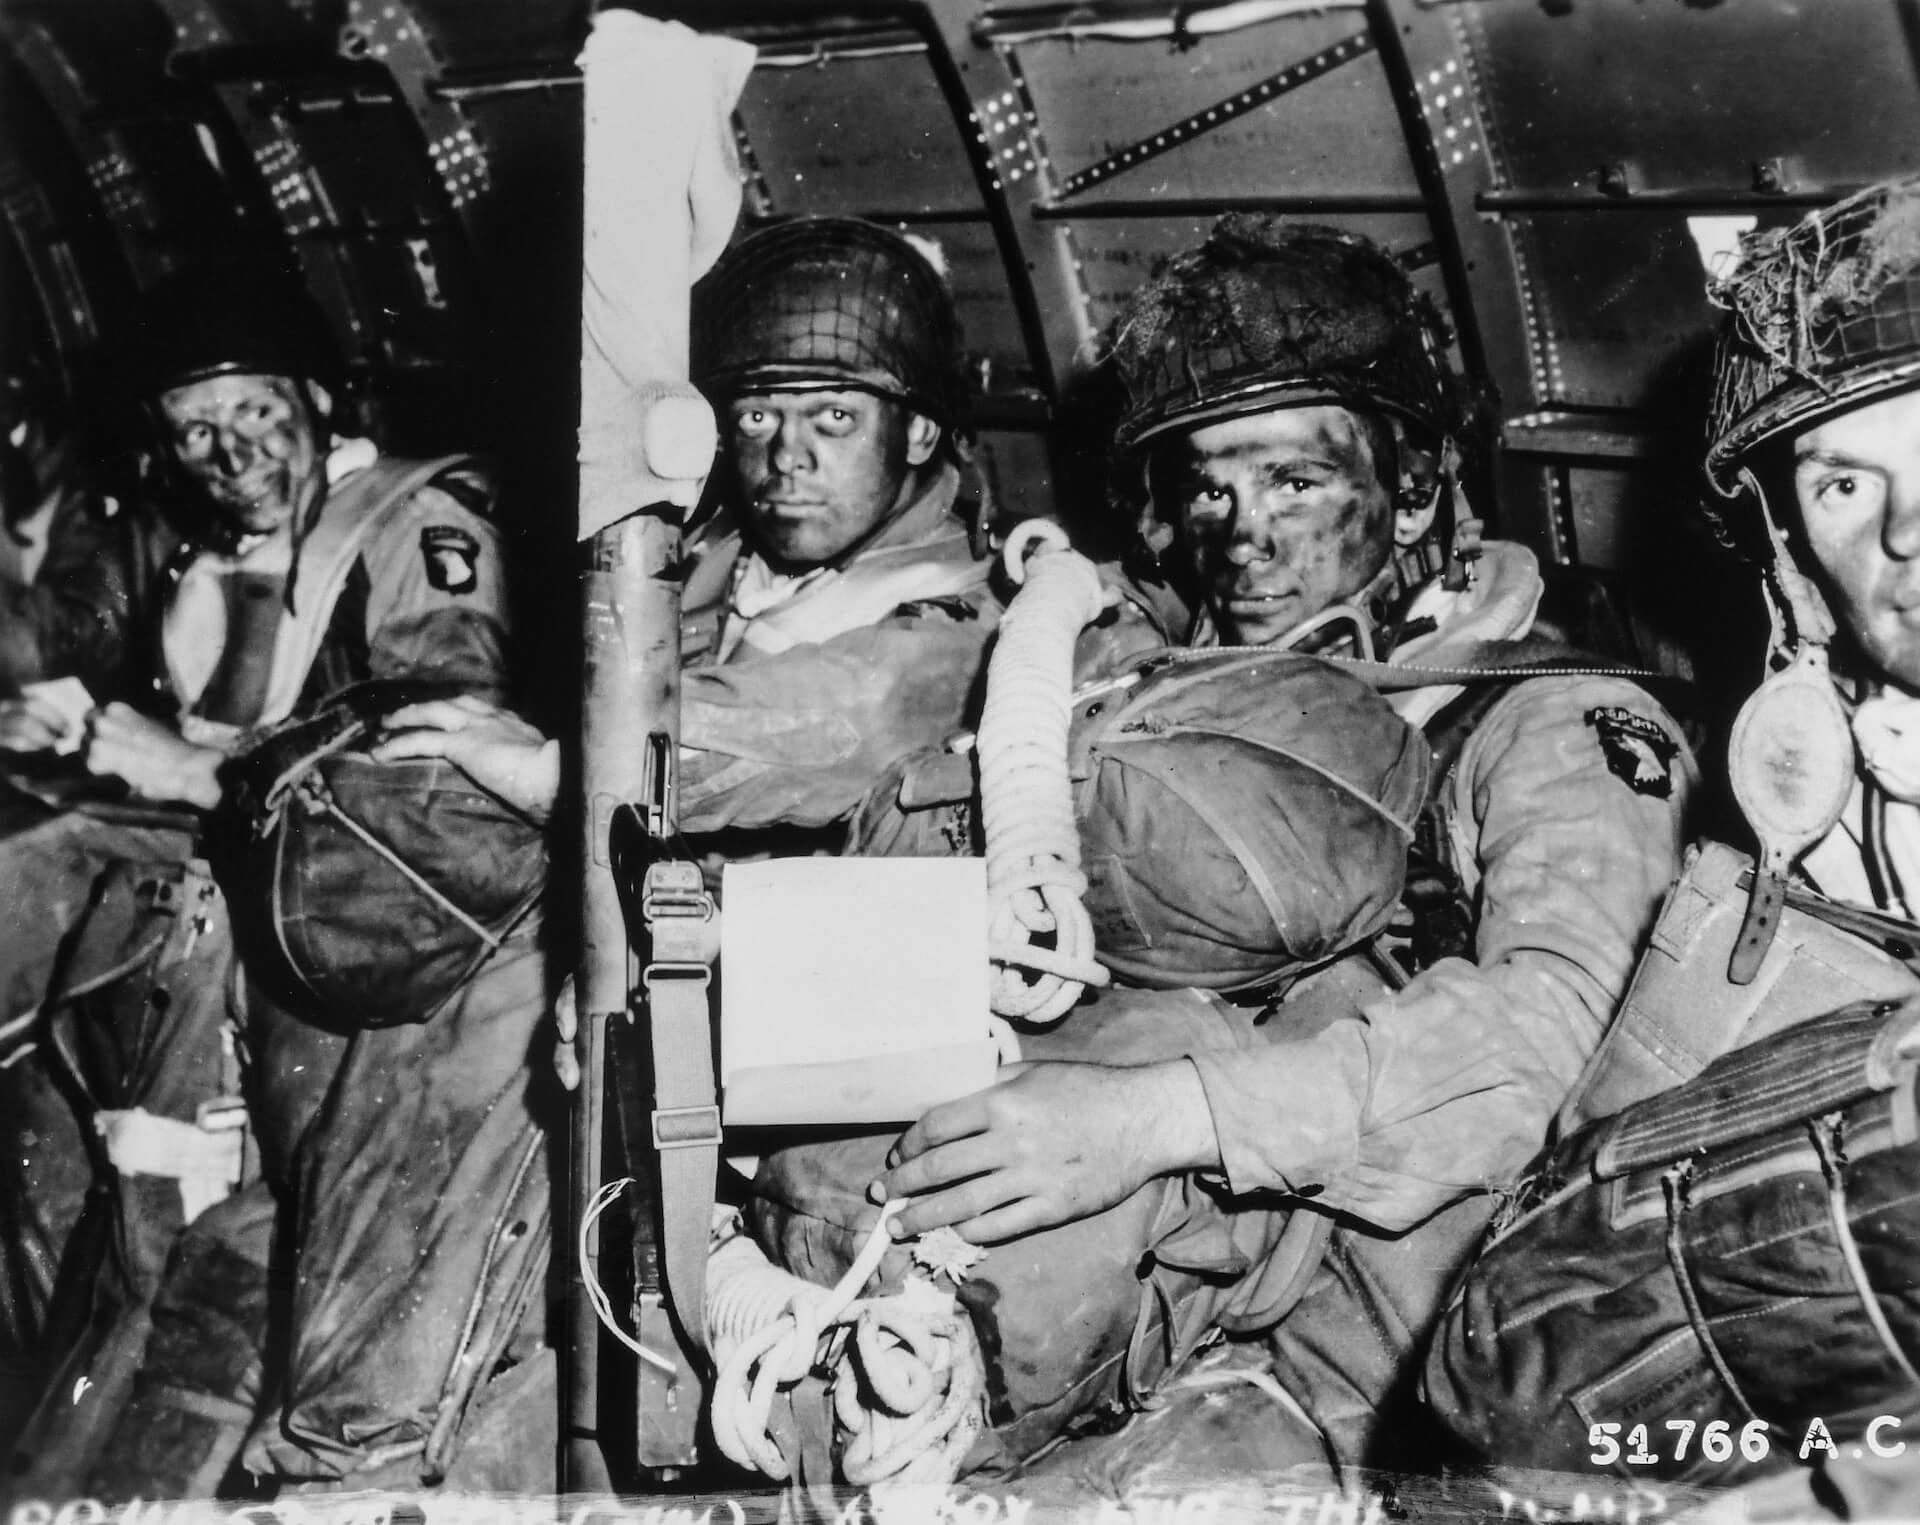 hermanos de sangre compañía easy paracaidistas normandía dia D